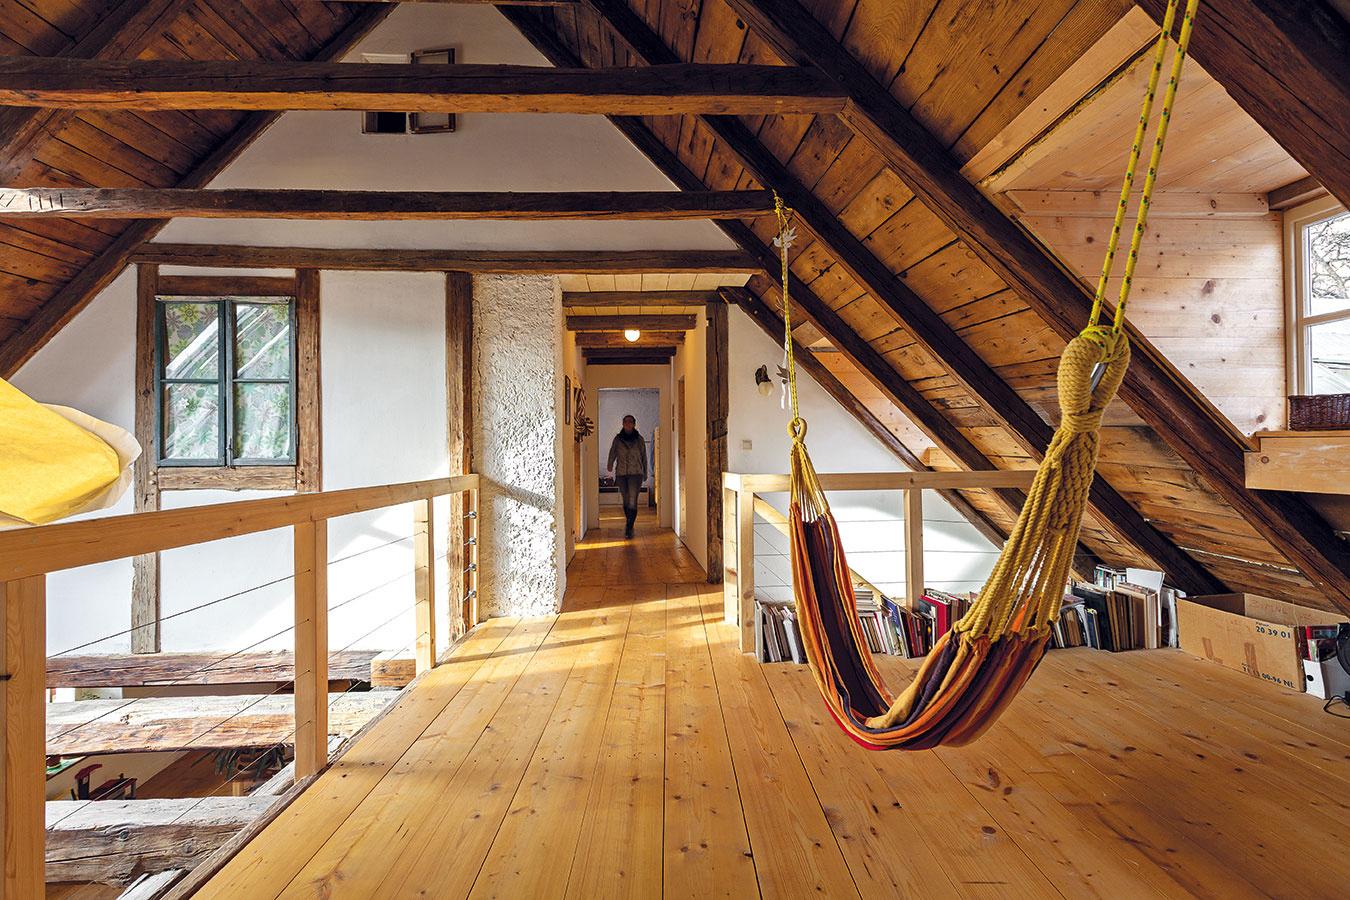 Za iluzórnou fasádou vhornej časti krovu je manželská spálňa, chodbou sa ďalej dostanete kmalej kúpeľni adetskej izbe.